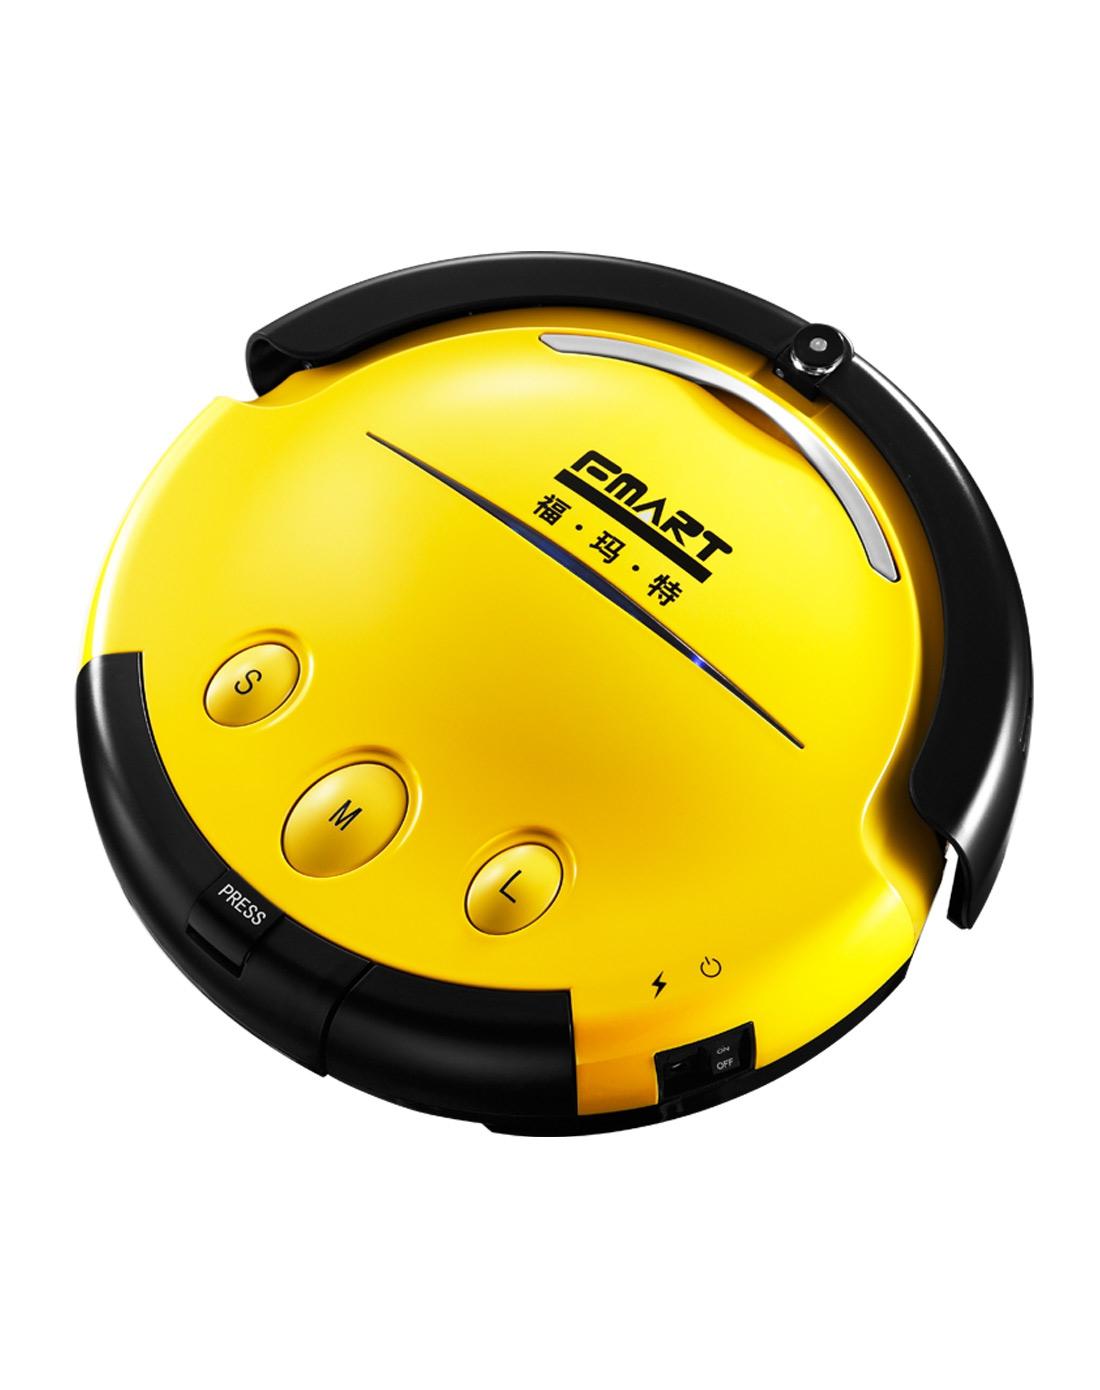 > 智能扫地机器人fm-008